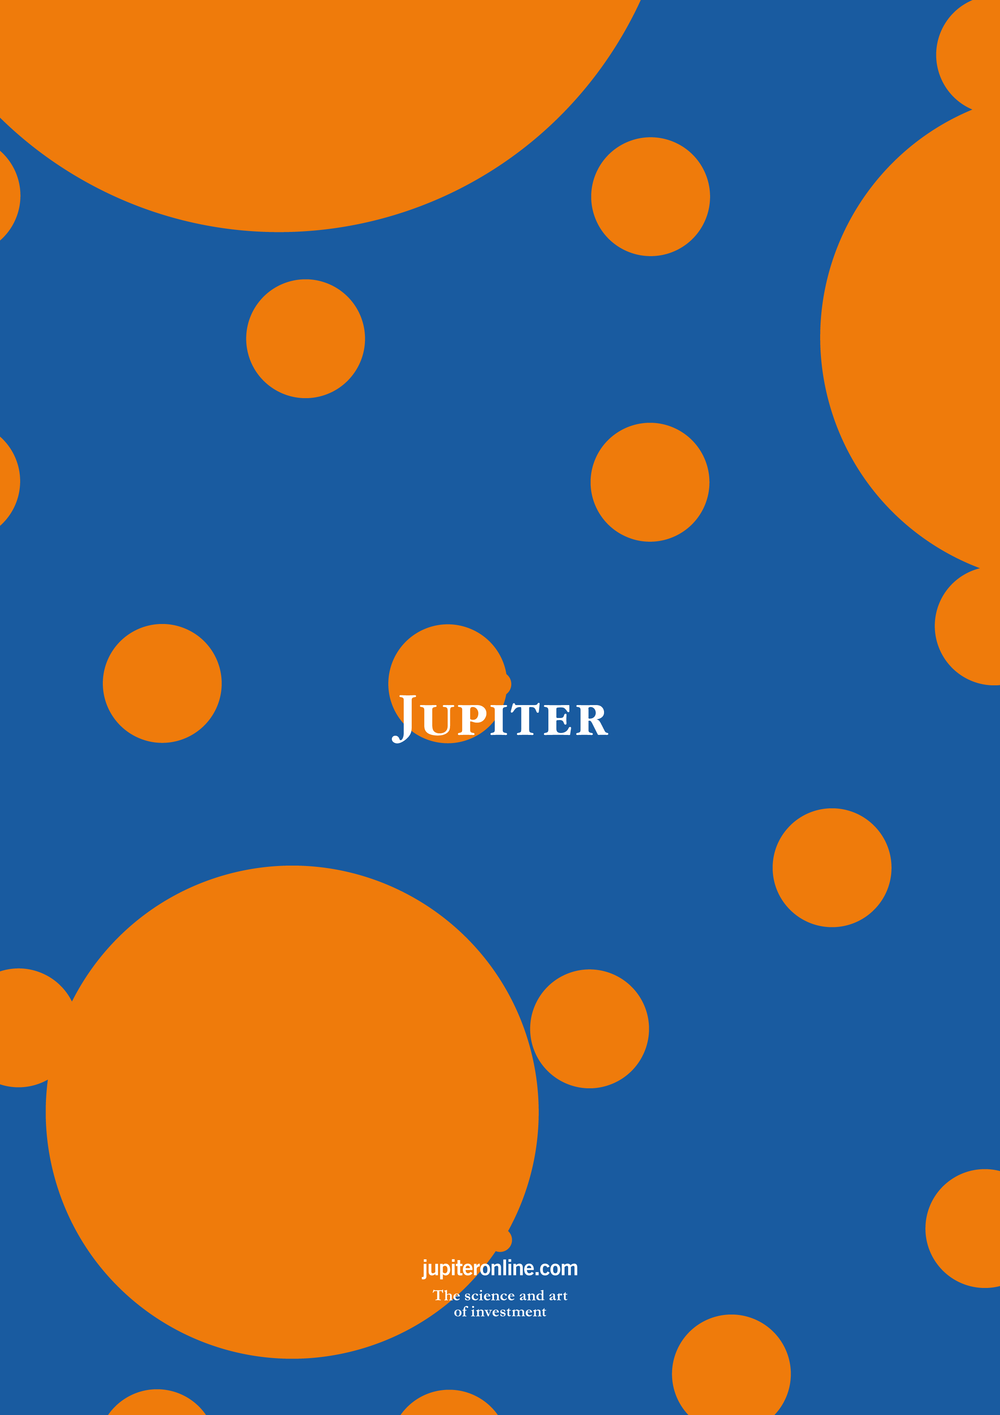 DIRK VAN DOOREN_Jupiter Asset Management- - Rebrand Overview v2-06.pngx.png